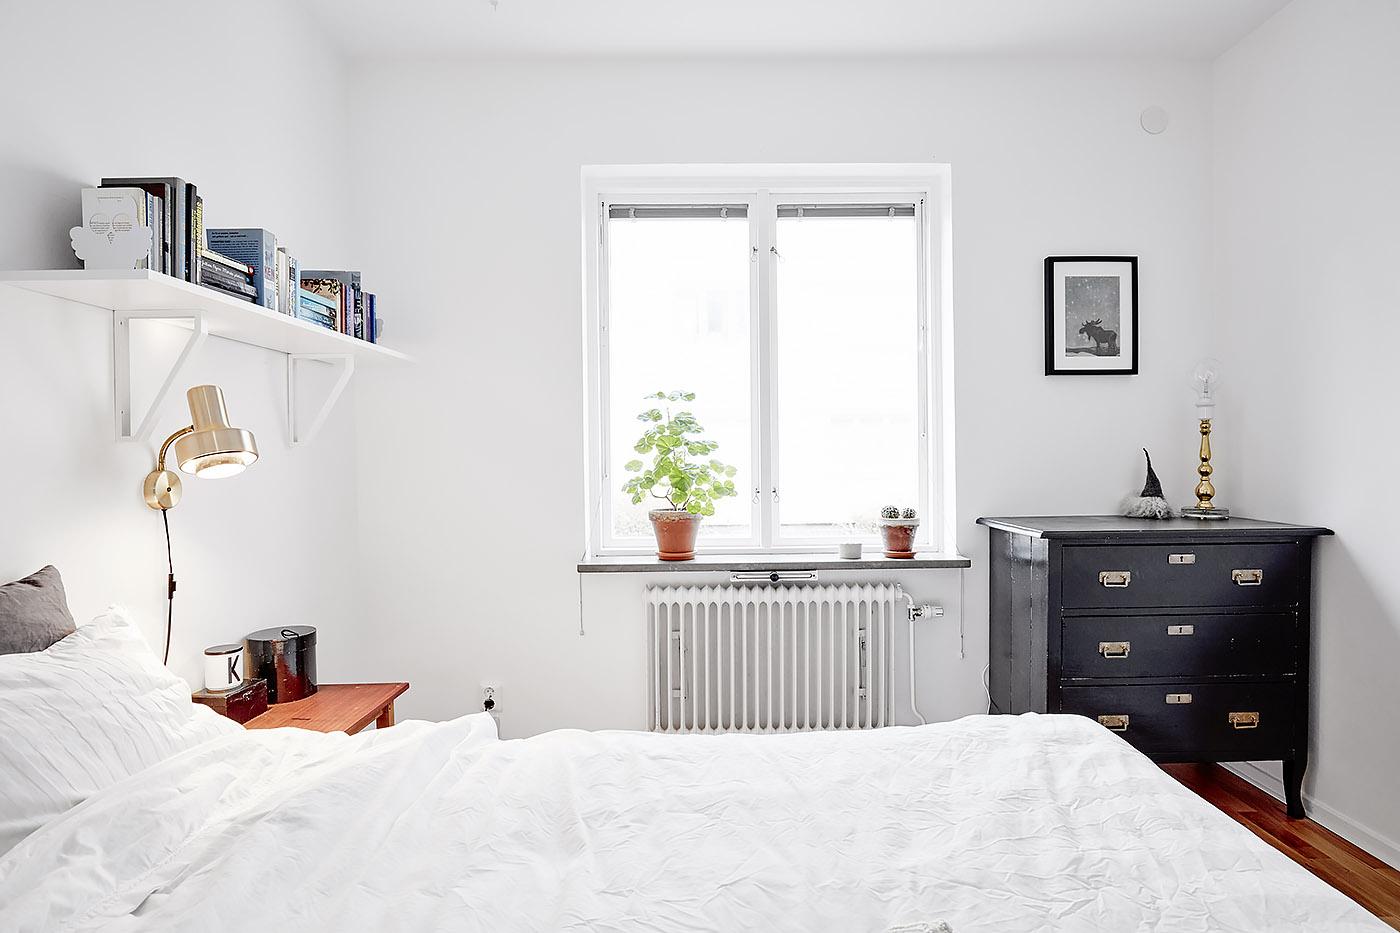 Habitaciones juveniles de estilo n rdico blog tienda for Dormitorio juvenil estilo nordico